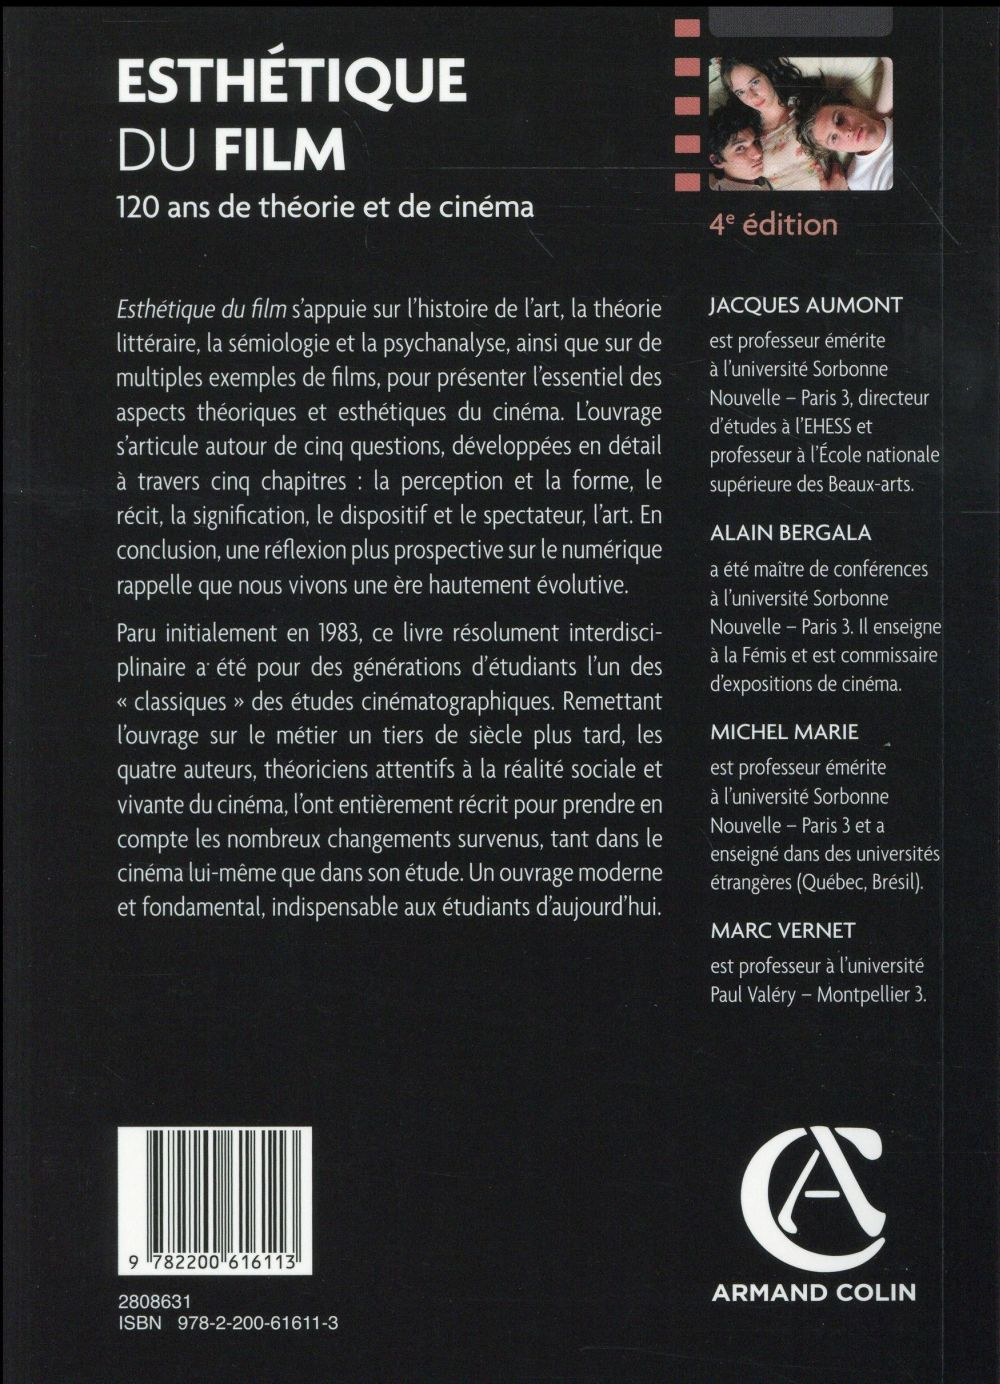 Esthétique du film ; 120 ans de théorie et de cinéma (4e édition)